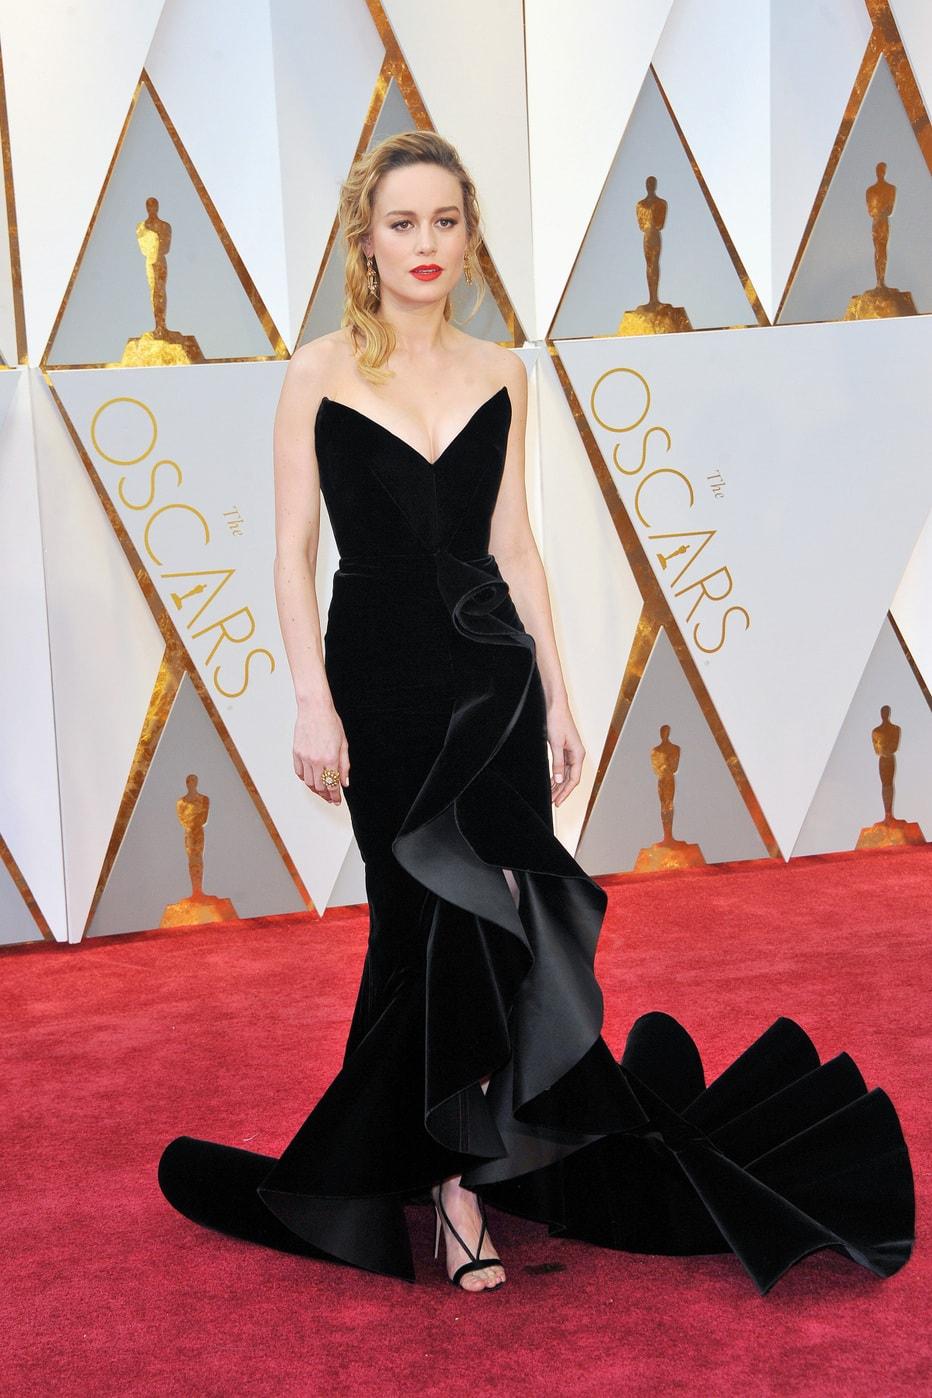 Brie Larson in Oscar de la Renta at the 2017 Oscars